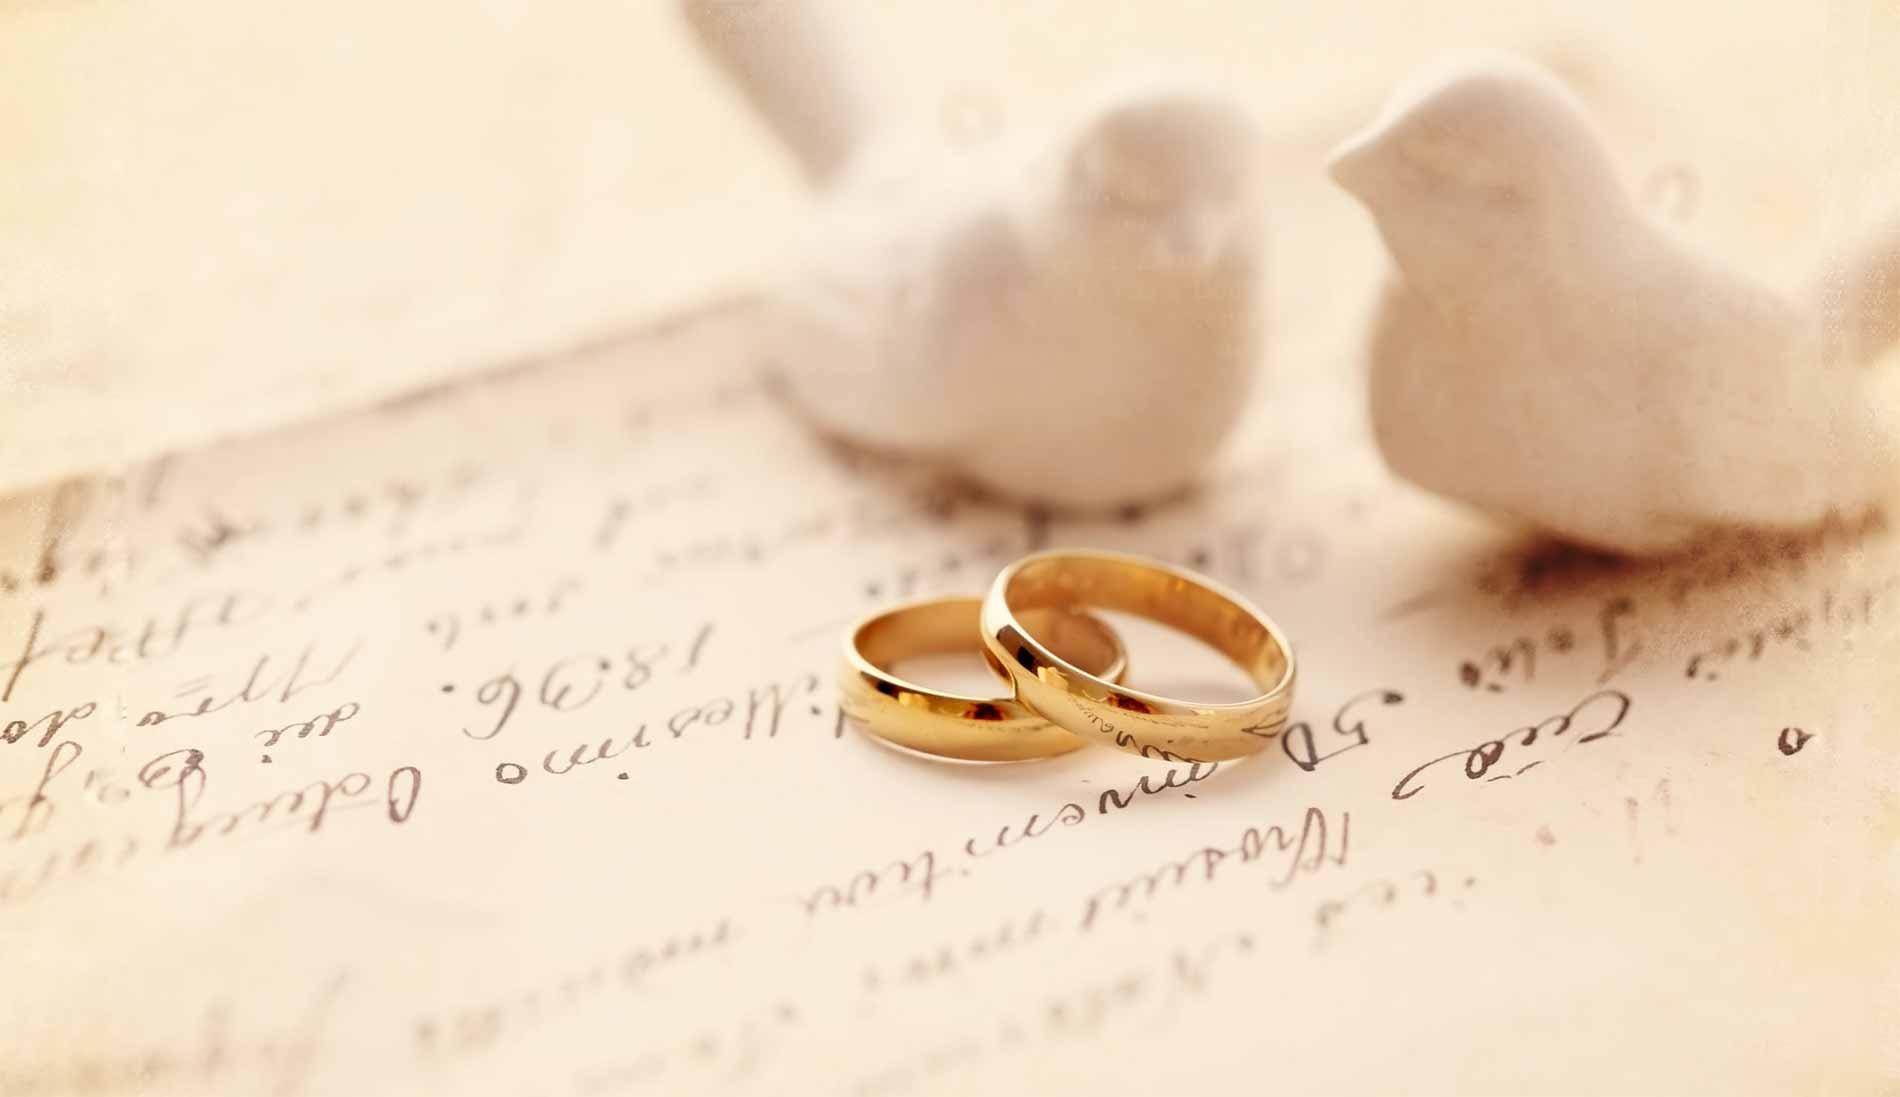 Muslim Wedding Wallpapers   Top Free Muslim Wedding Backgrounds ...